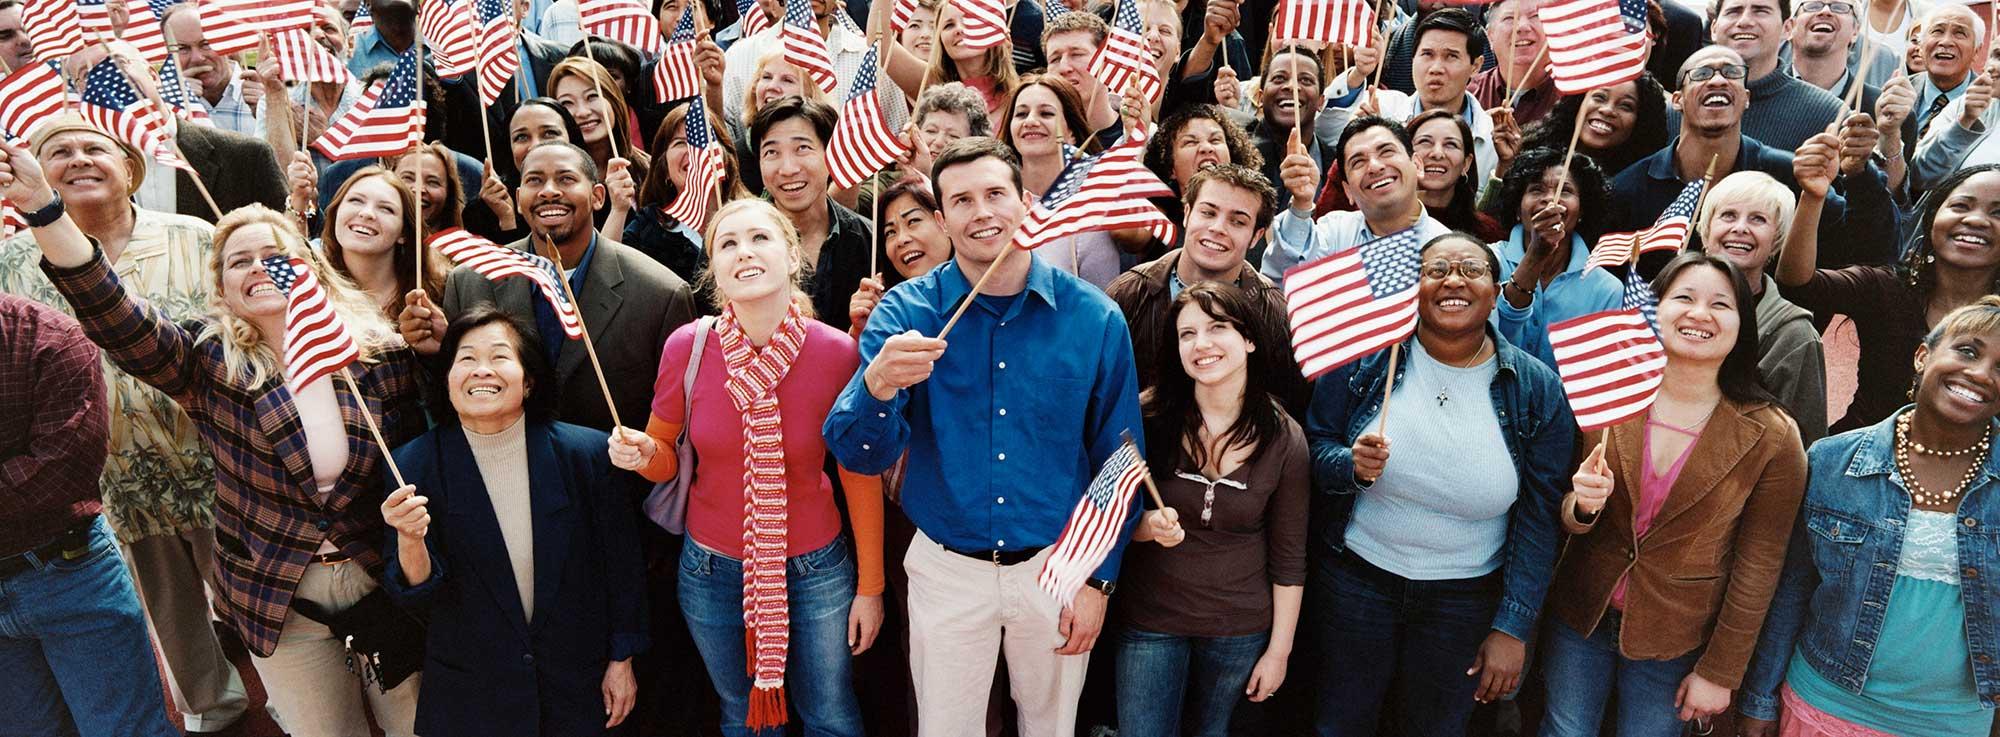 political campaign graphic design